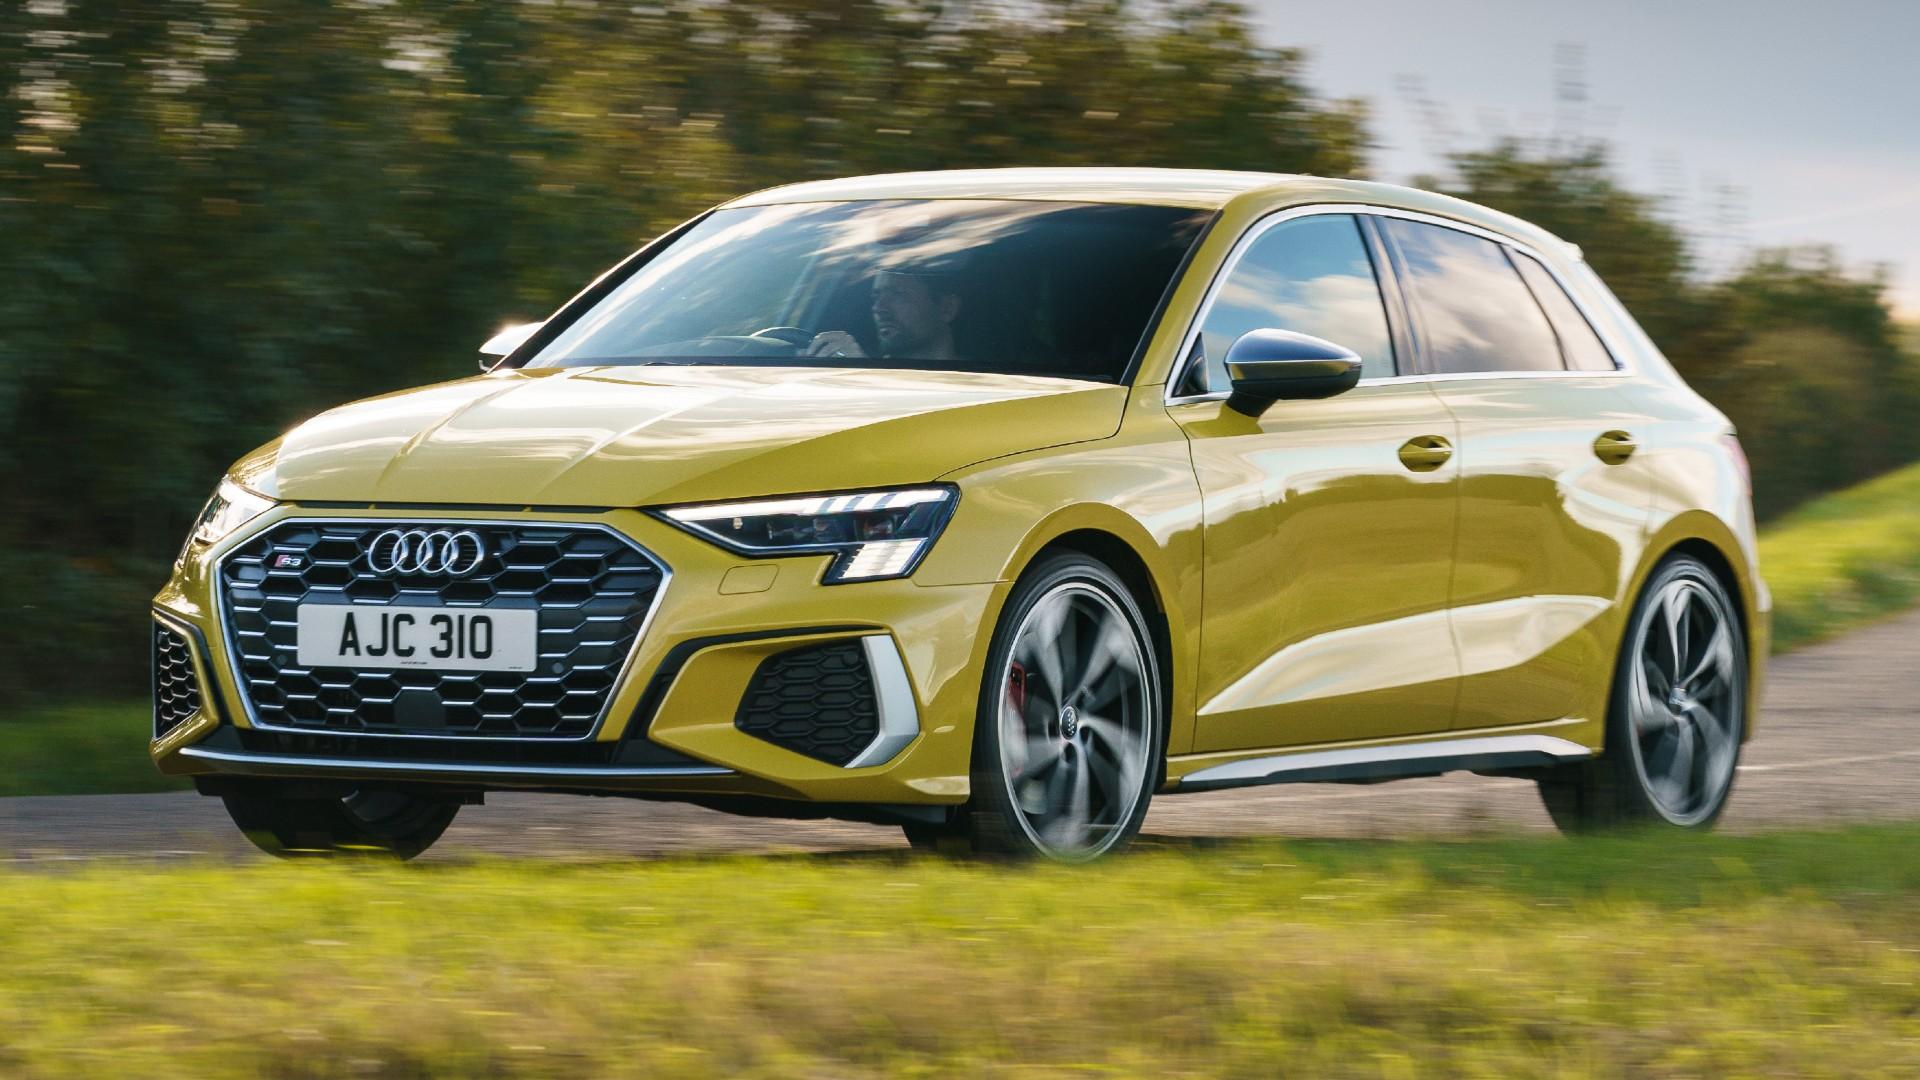 Πόσο κοστίζει στην Ελλάδα το νέο Audi S3 Sportback; [vid]